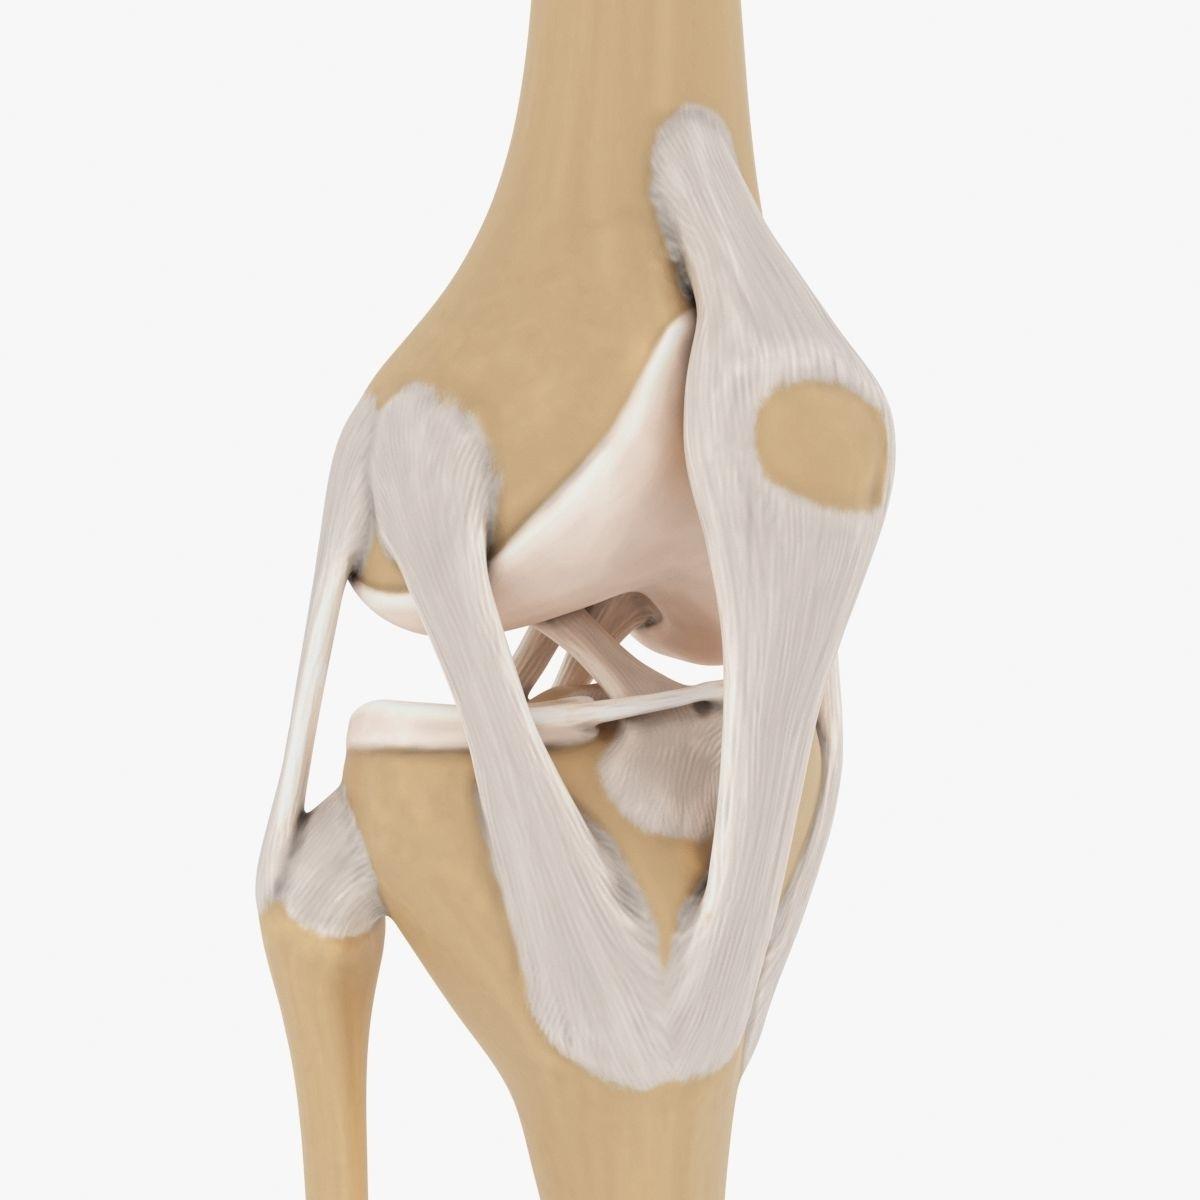 3d Model Knee Joint